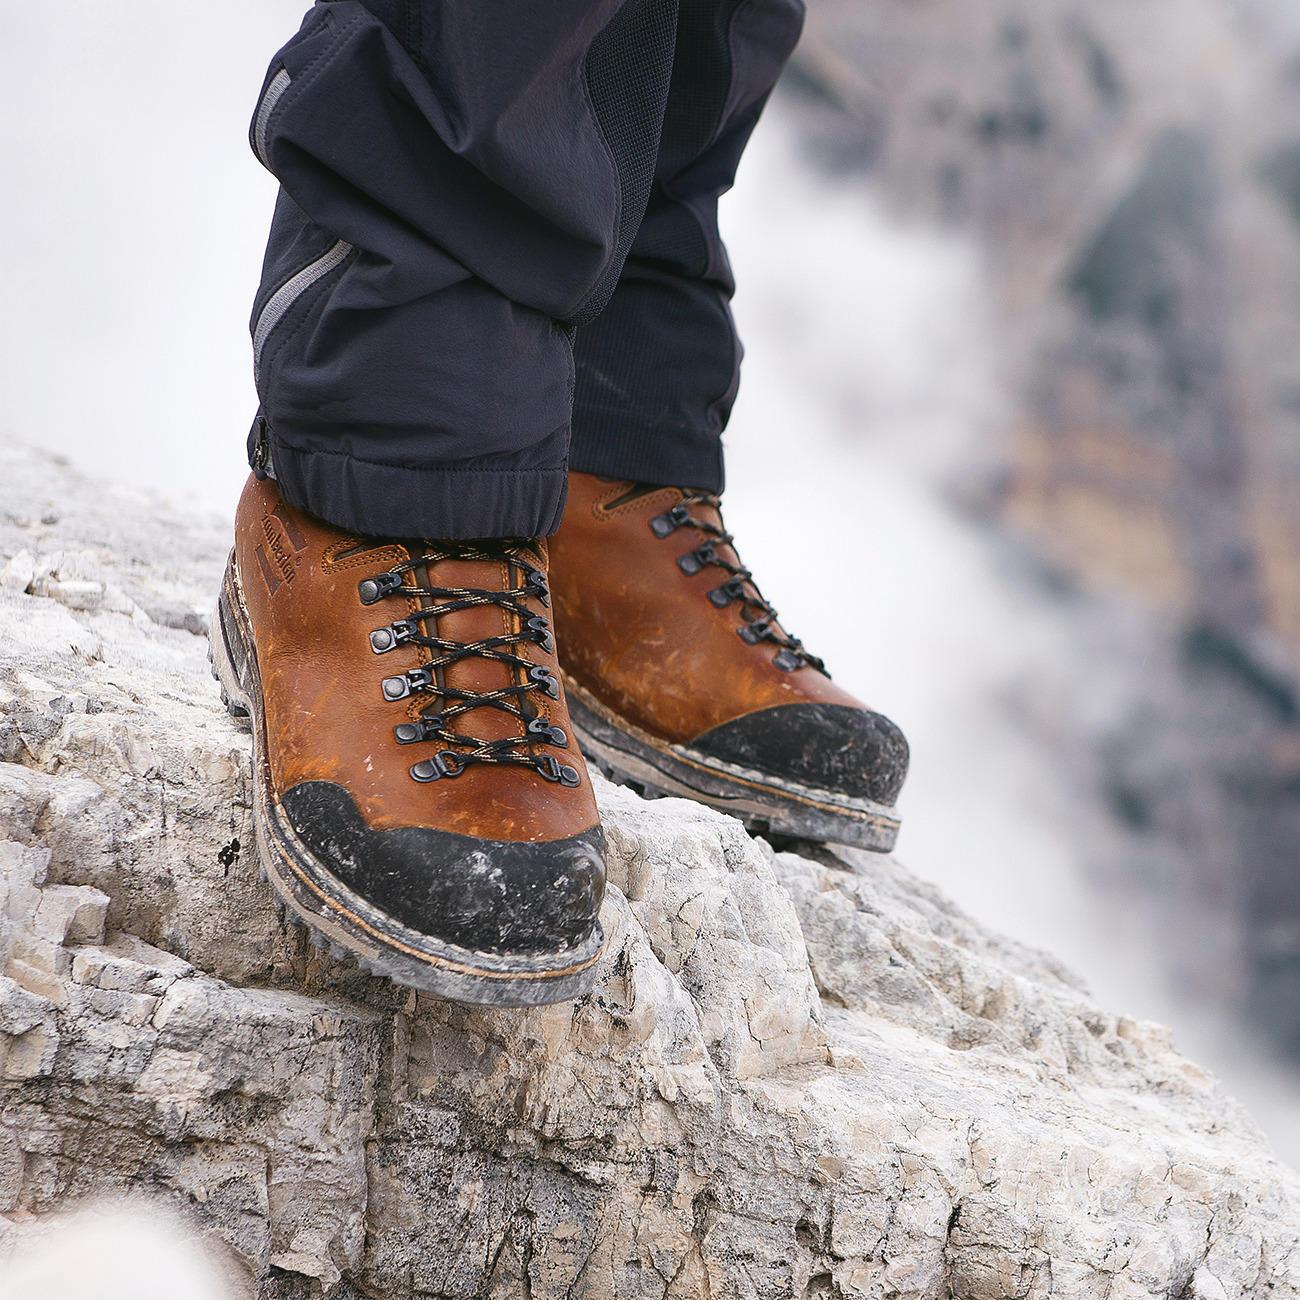 Chaussures de randonnée faites main Zamberlan®, 41,5 - Cognac